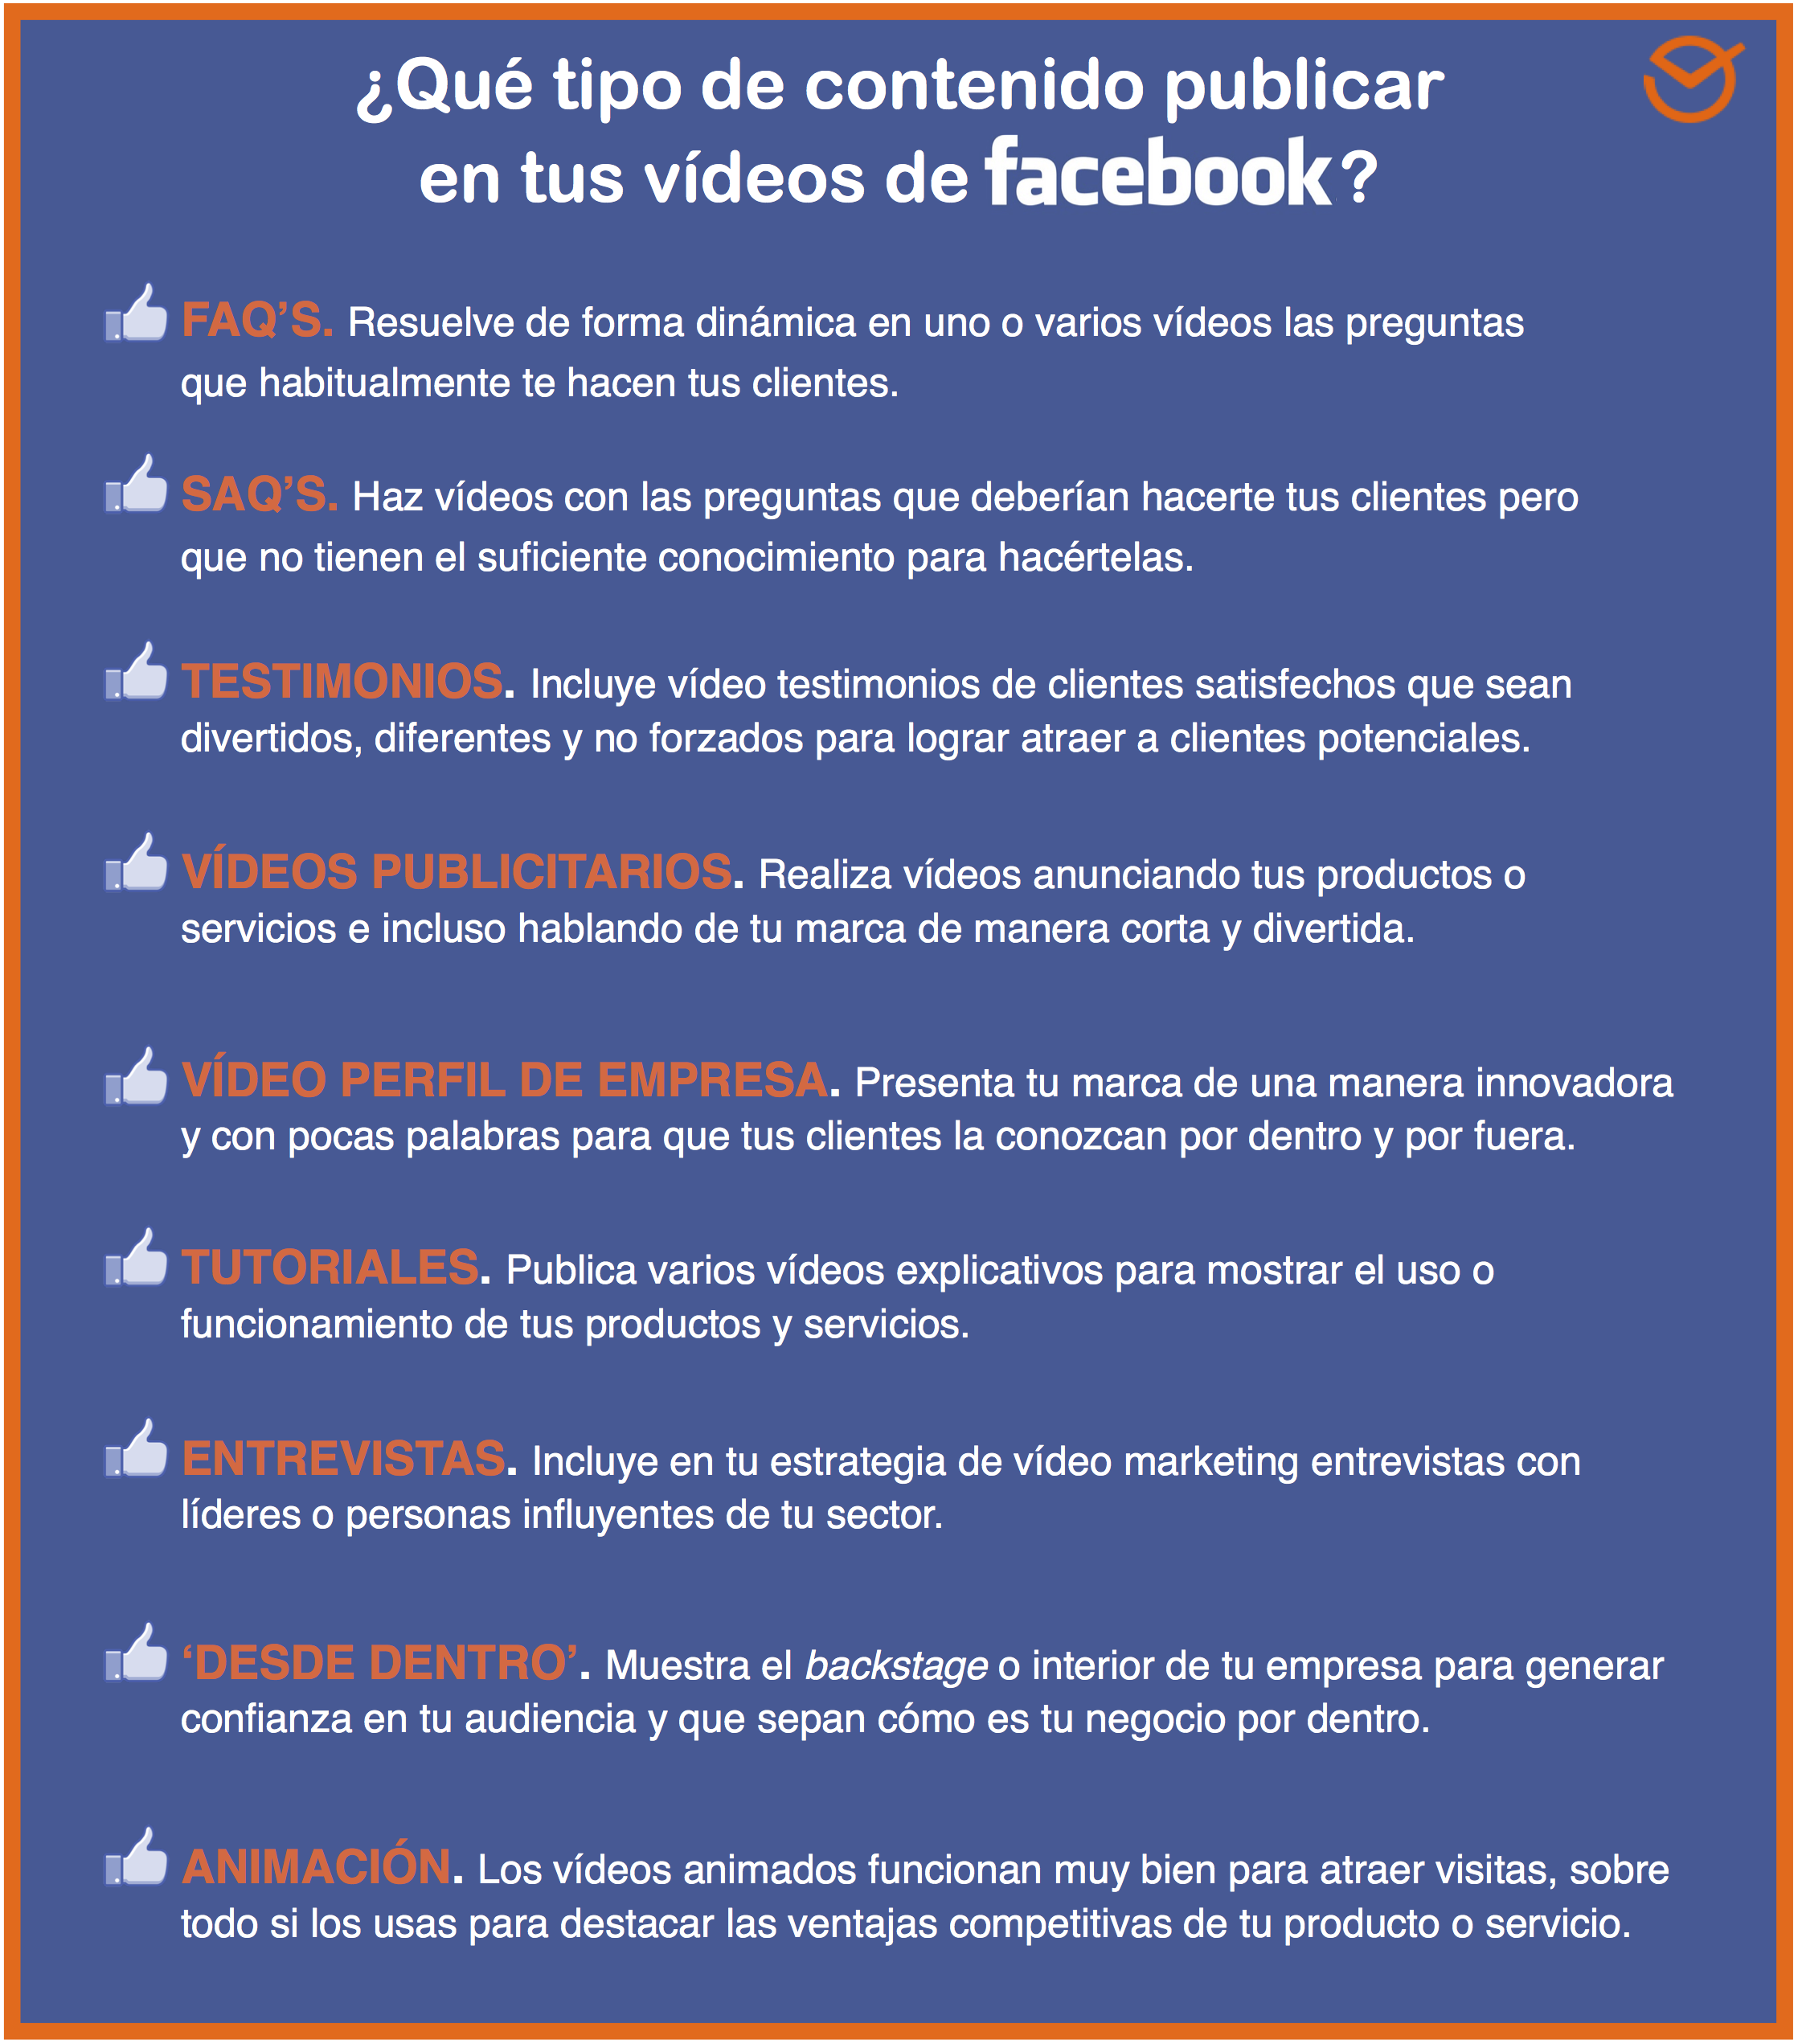 Los 7 Mejores Consejos Para Publicar Vídeos En Facebook